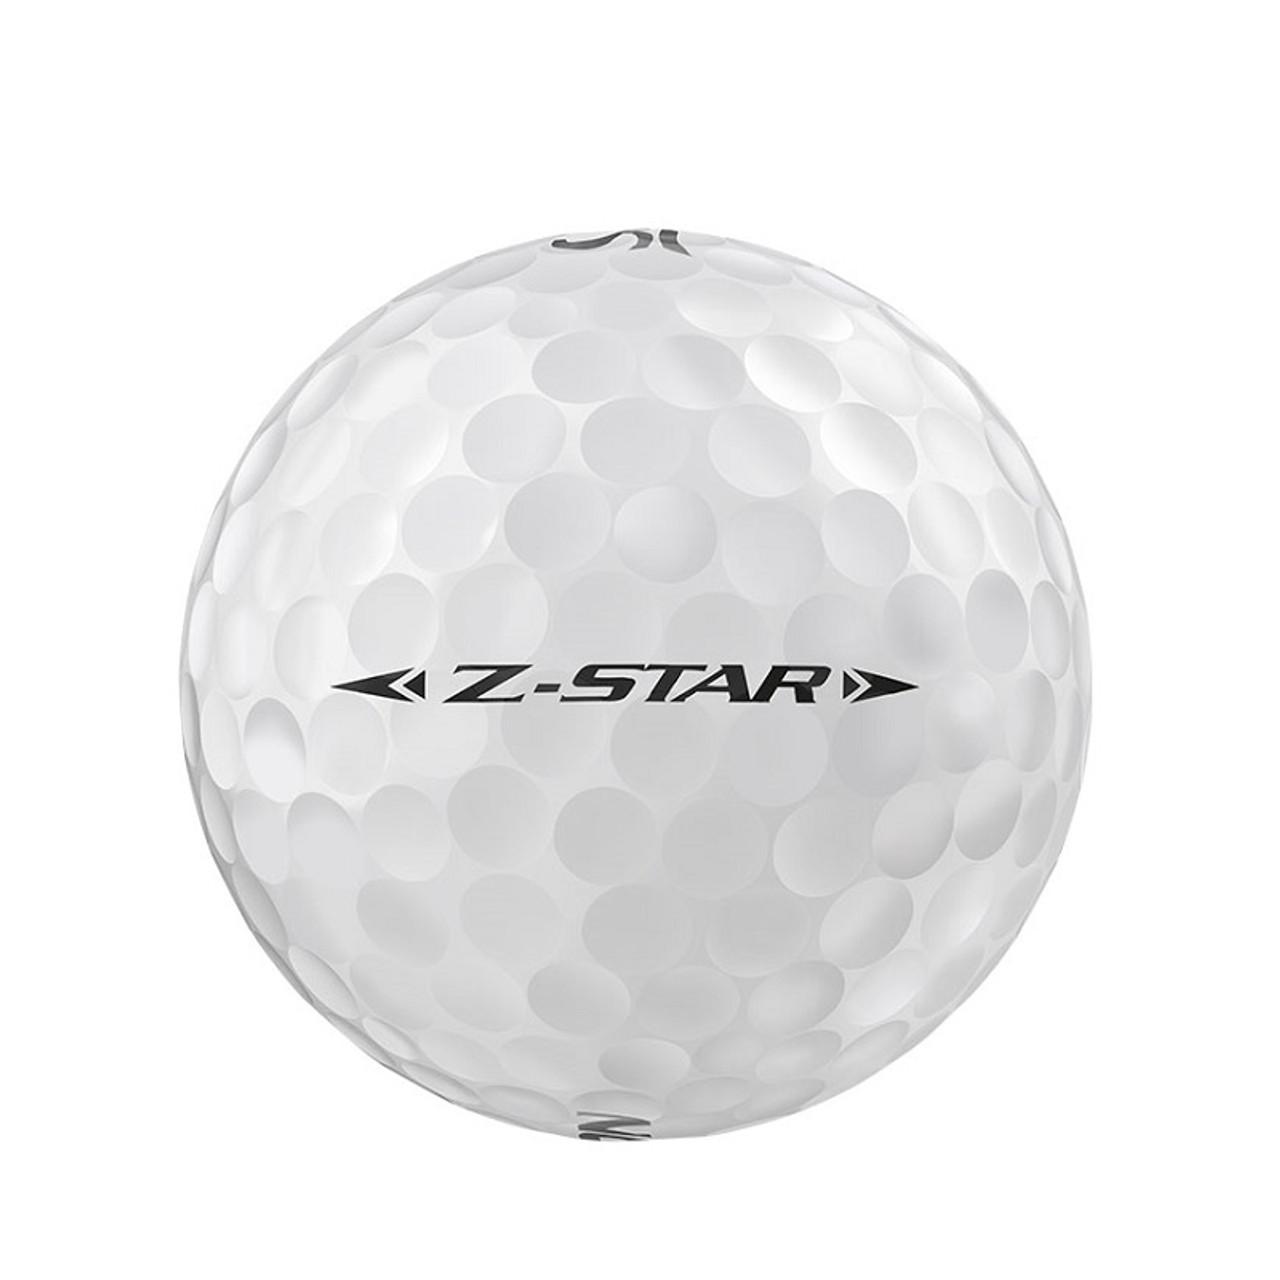 Srixon Z-Star 6 Golf Balls Dozen 2019